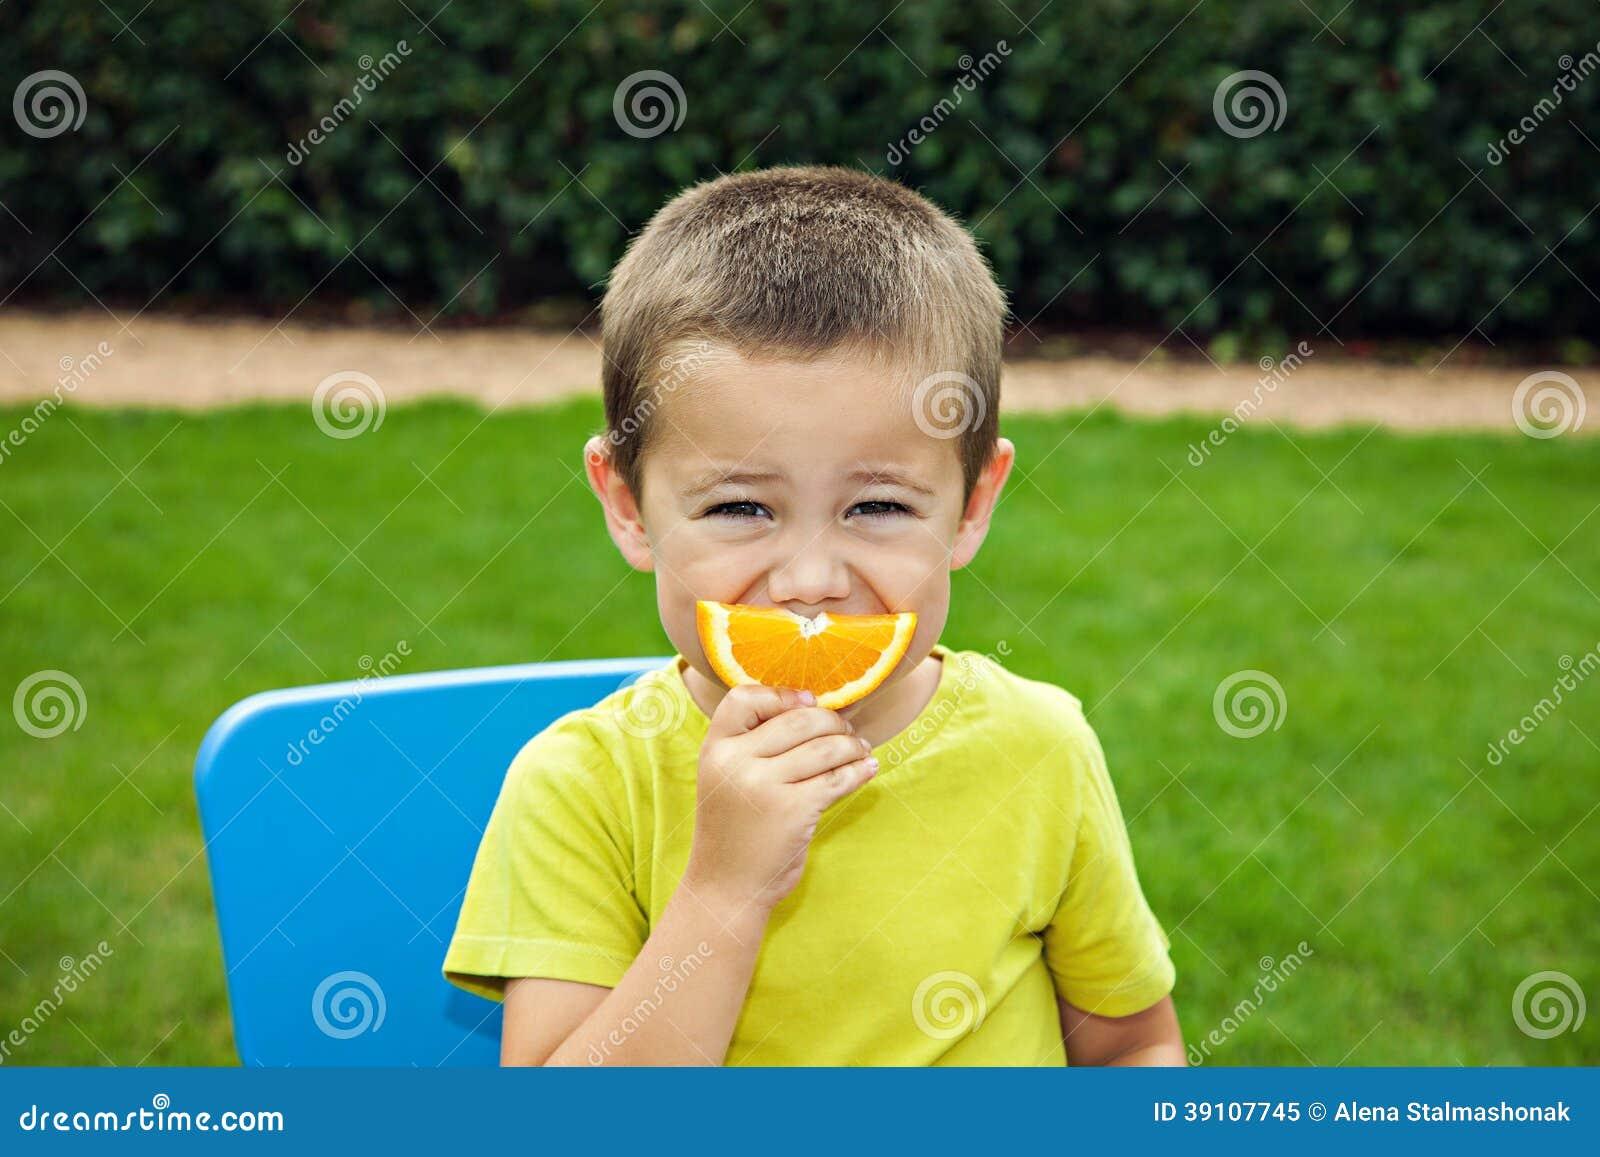 Grappige jongen met sinaasappel